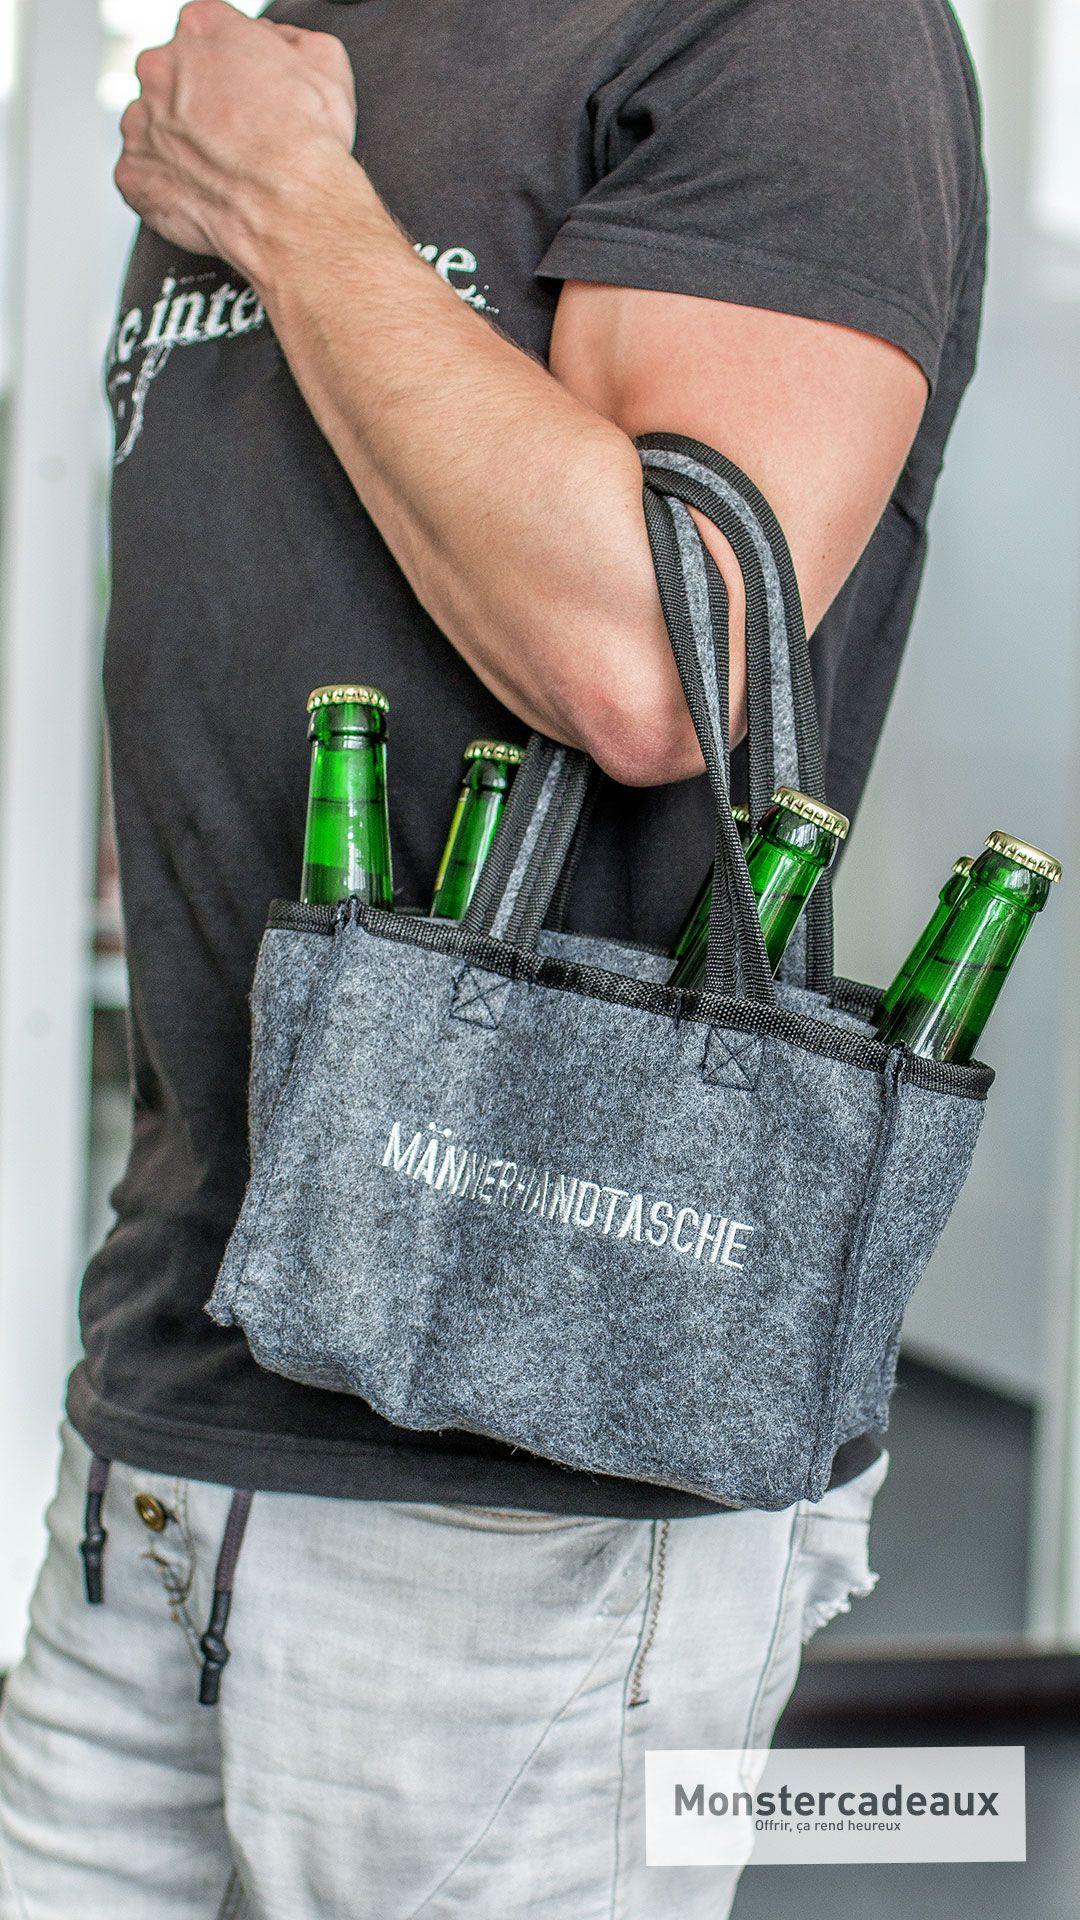 Bierträger - die Männerhandtasche aus Filz